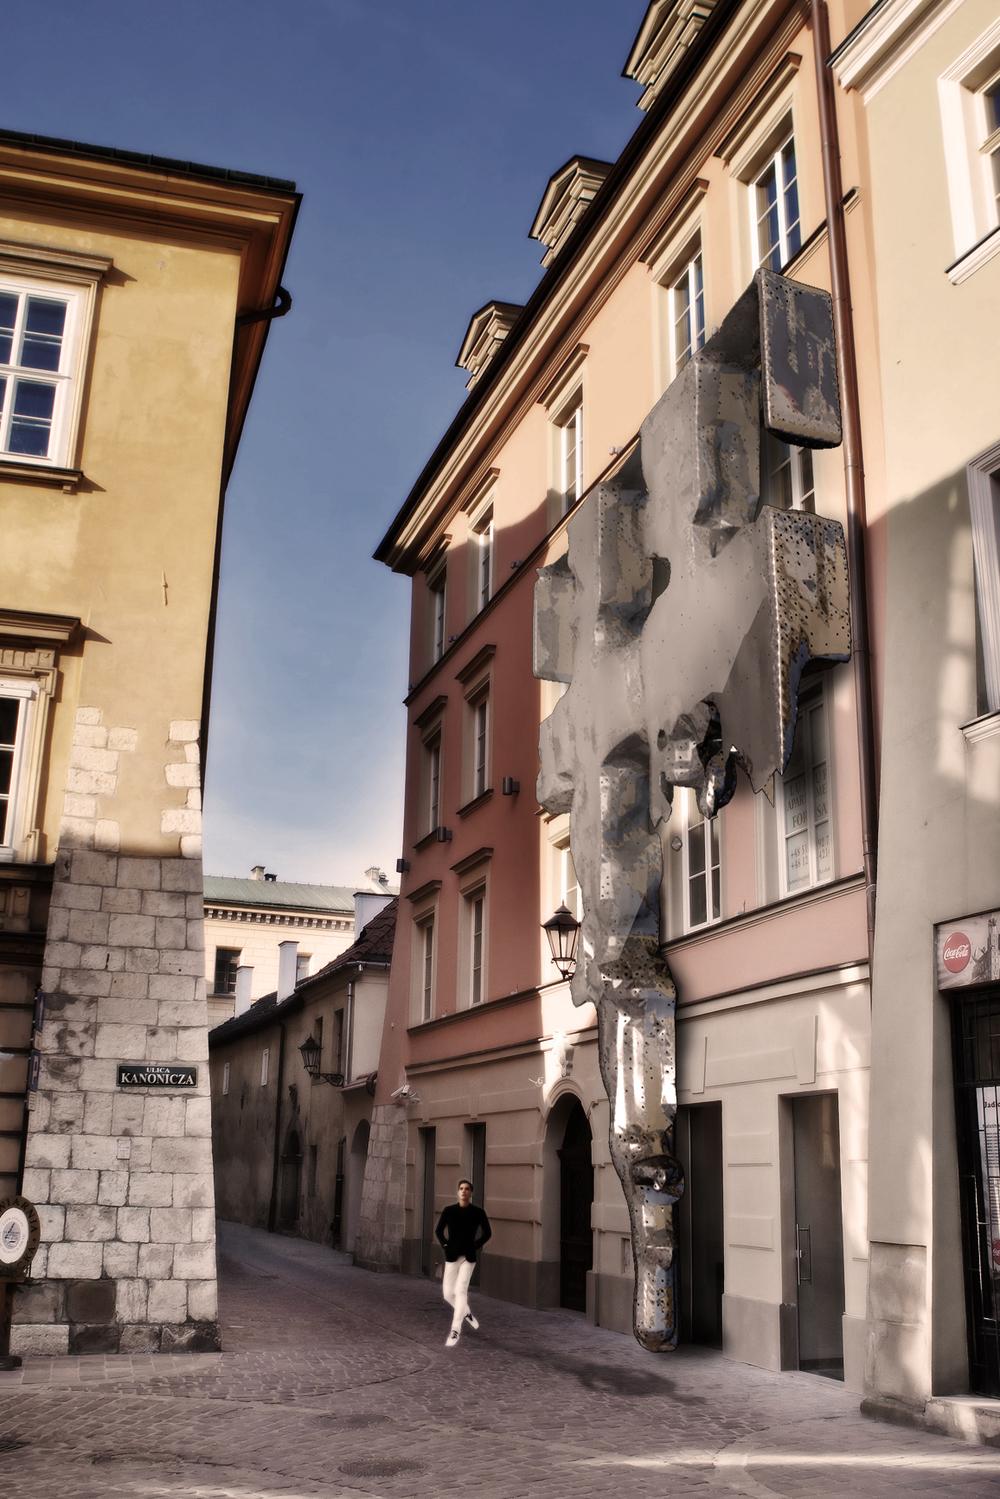 Ulica_Senacka_render.jpg